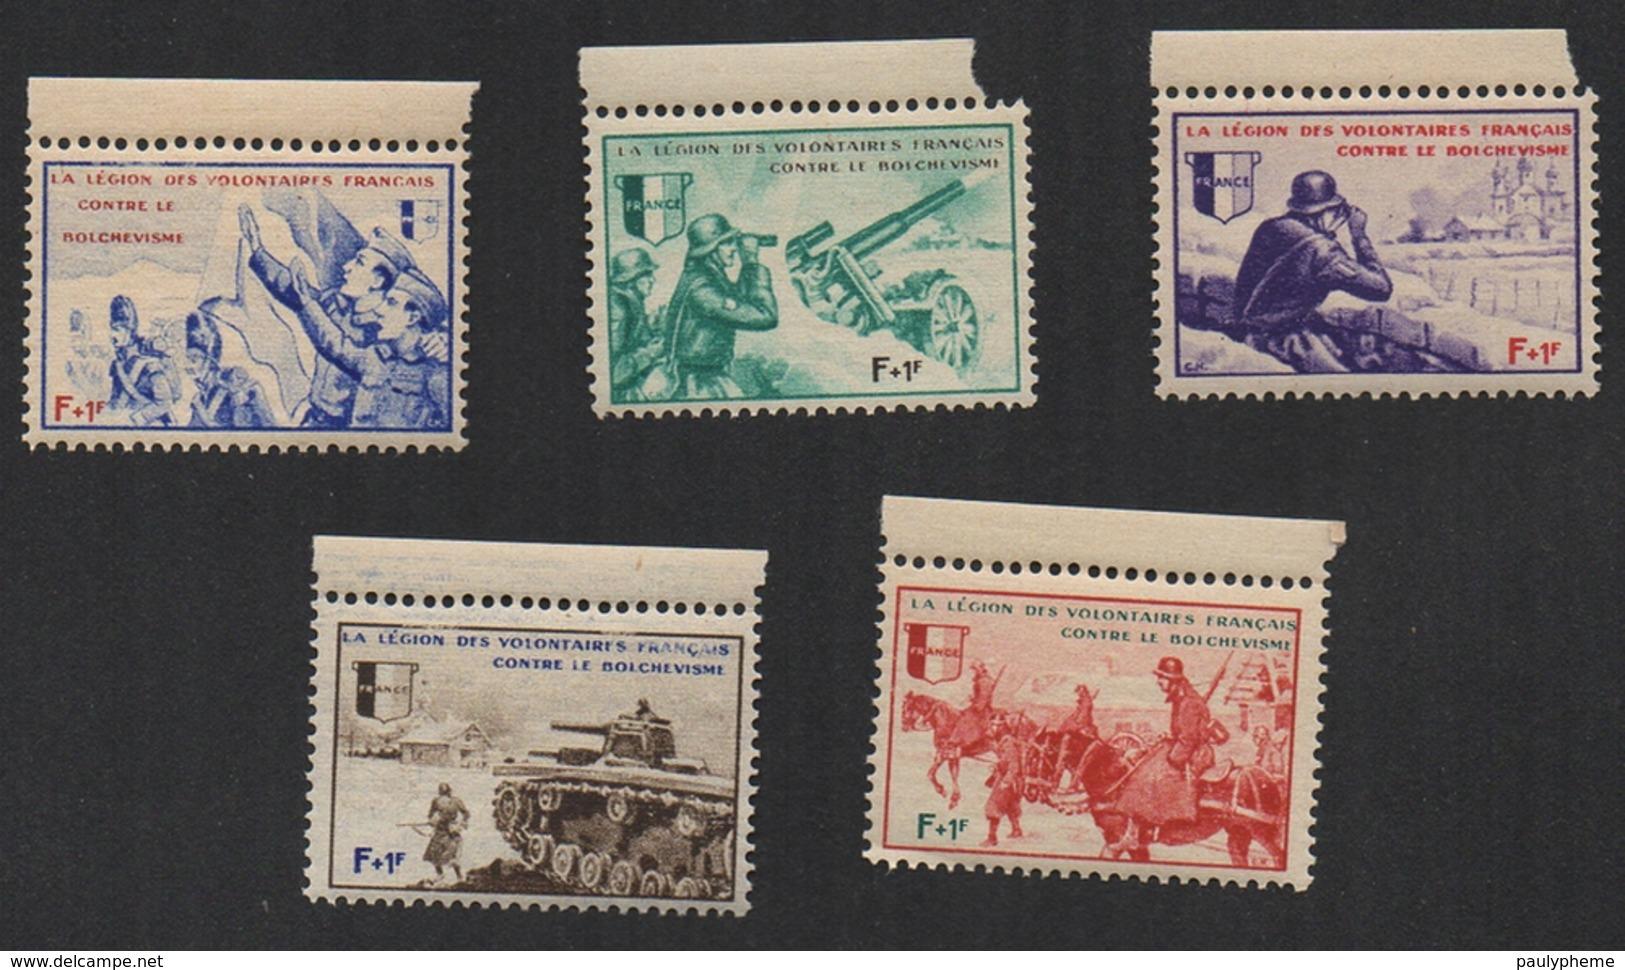 FRANCE 1942 Vignettes LVF Légion Des Volontaires Français Série BORODINO Neufs - Franchise Stamps